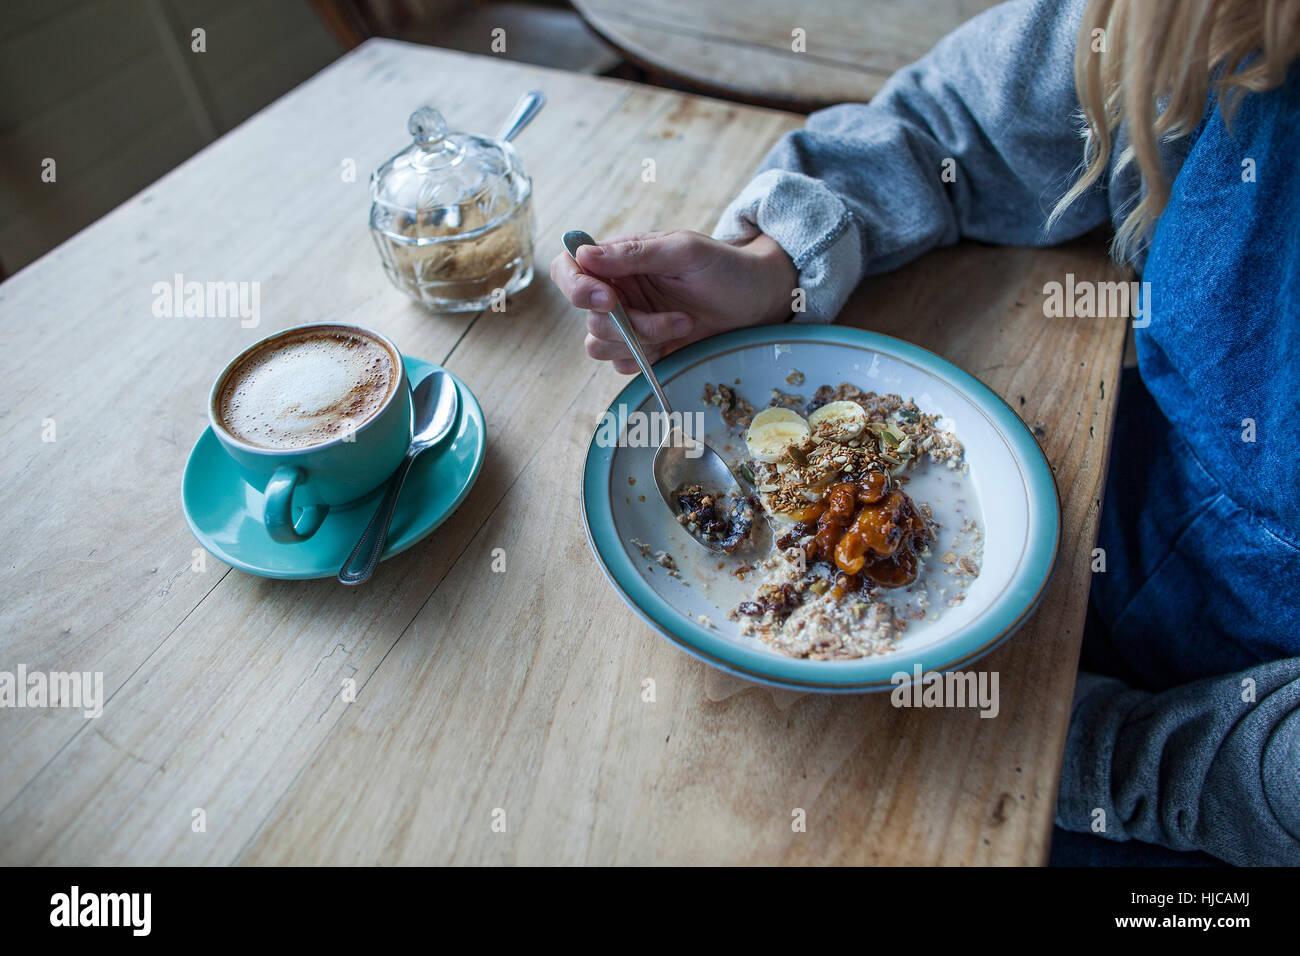 Junge Frau in Café, essen Müsli, Mittelteil Stockbild